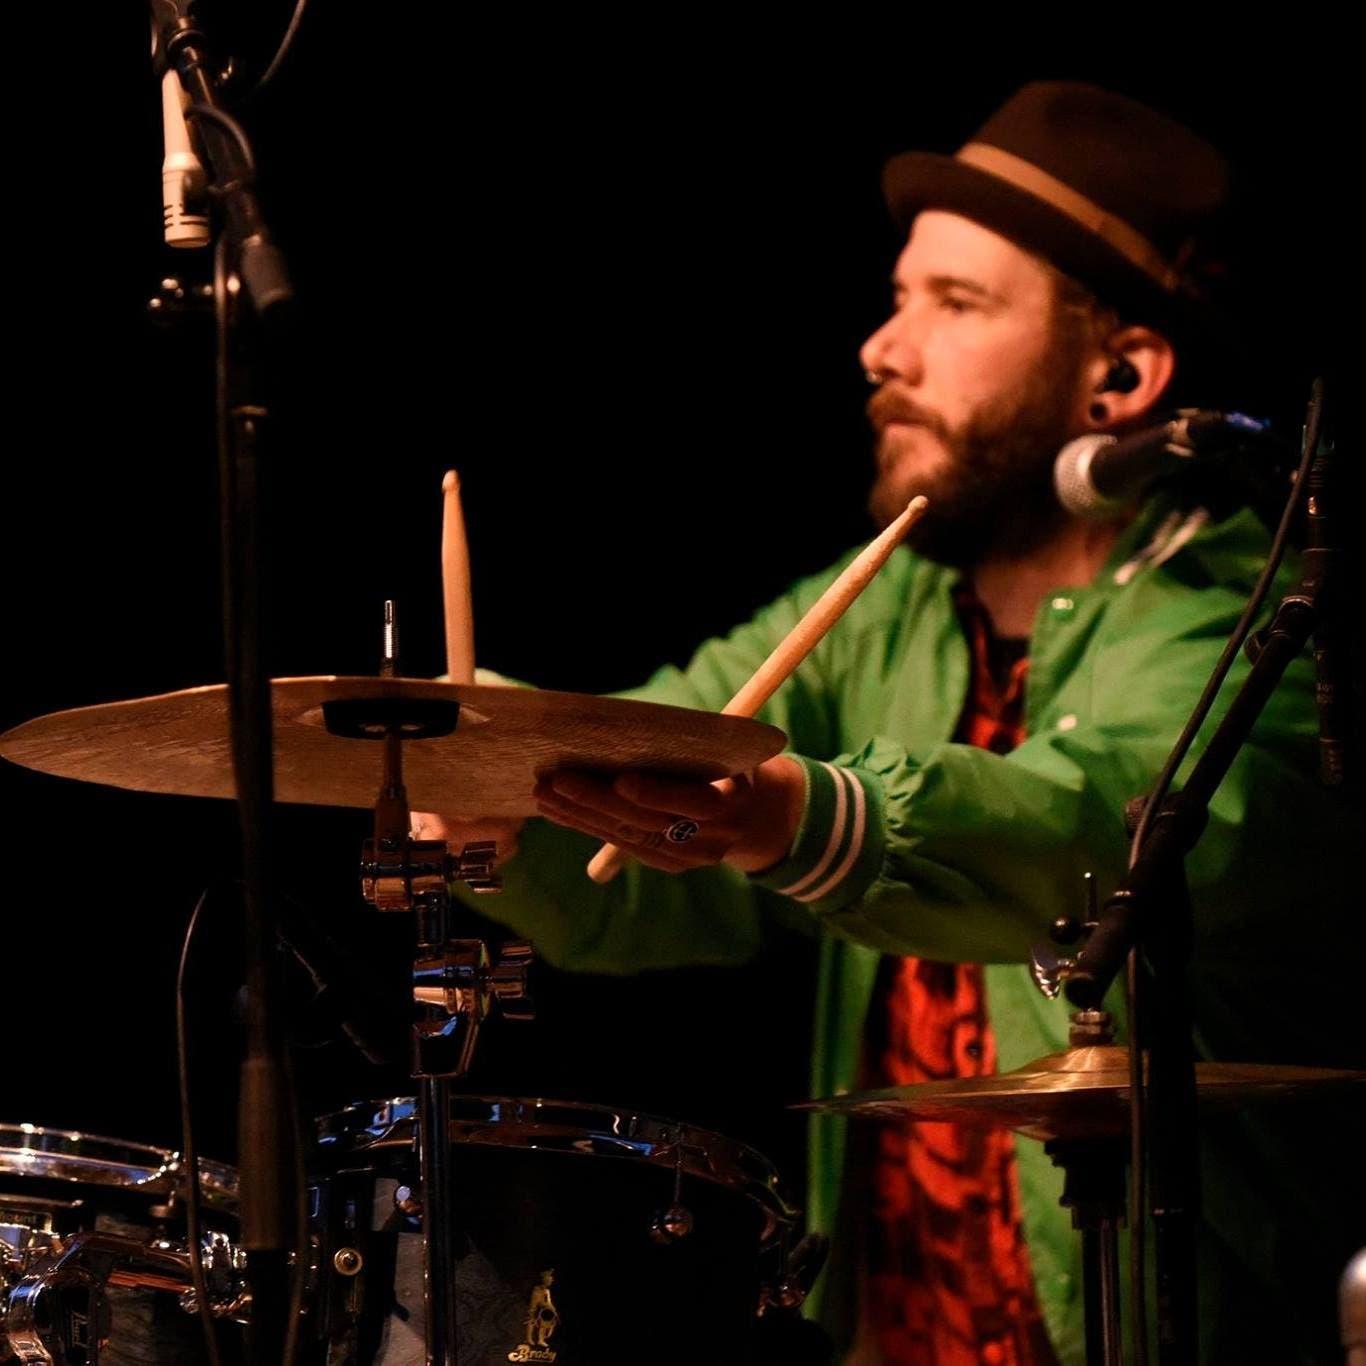 Der Nidwaldner Roli Würsch (37), wohnhaft in Altdorf, spielt in verschiedenen Bands Schlagzeug. Hier bei einem Auftritt mit Wiudä Bärg. (Bild: PD)